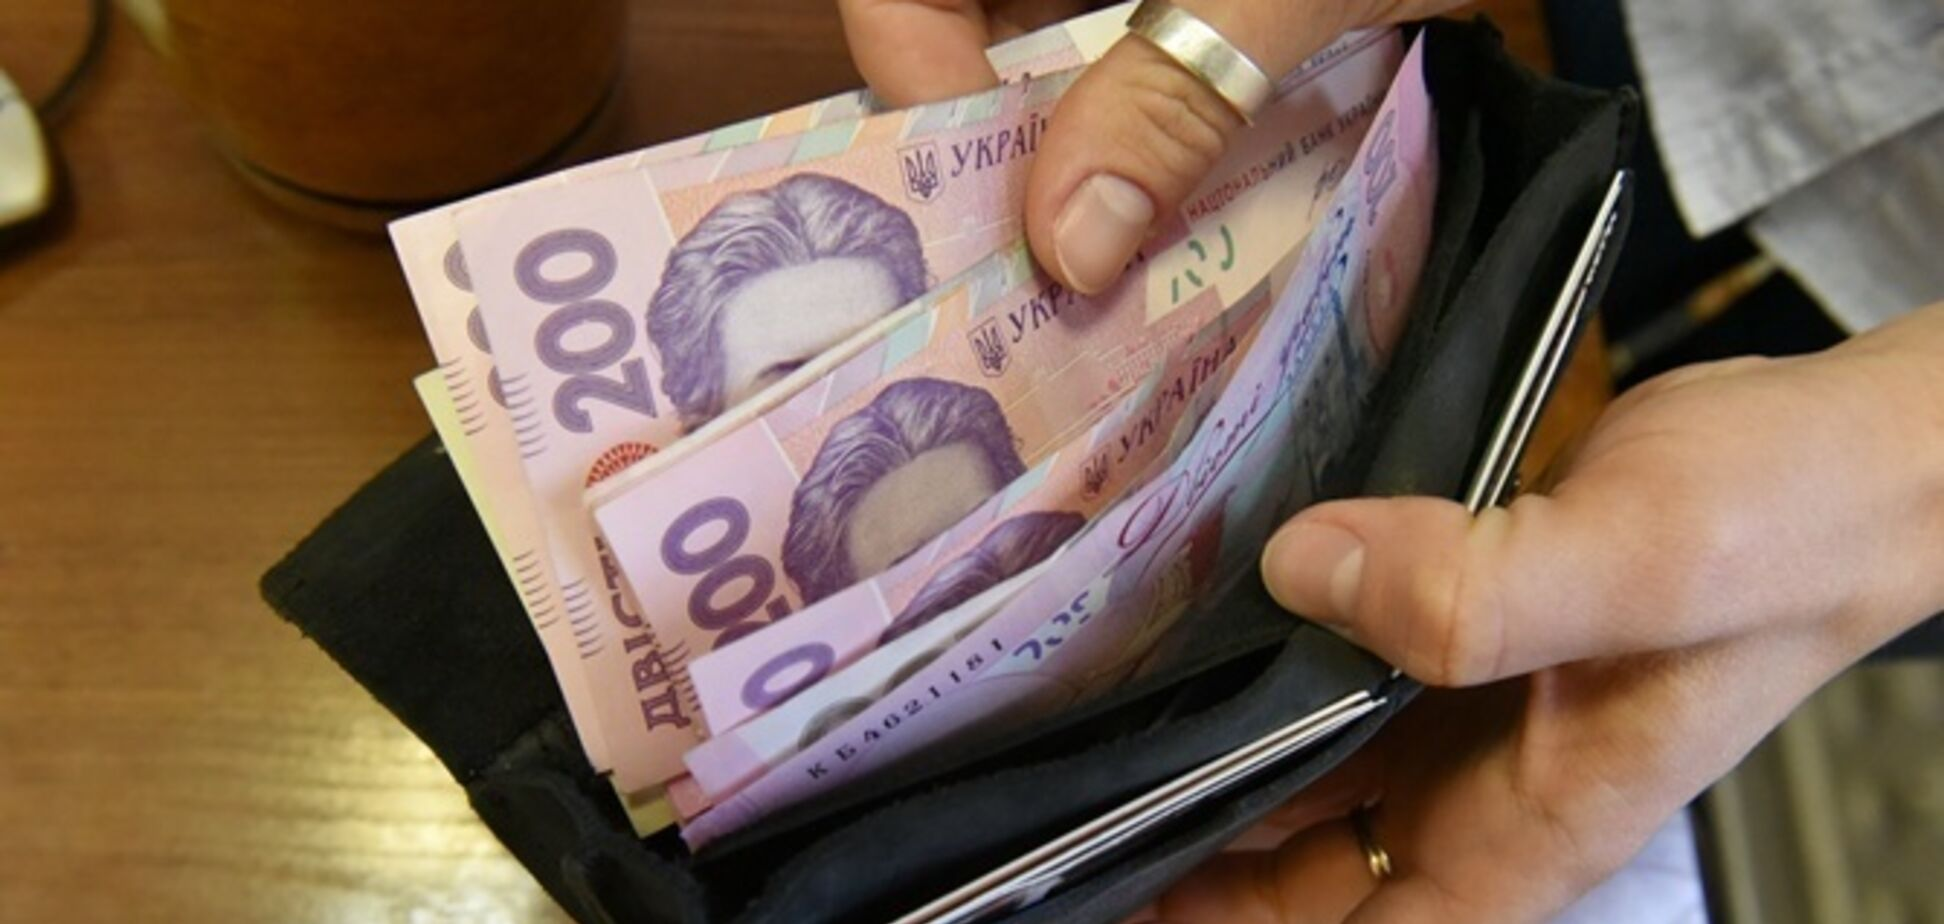 Оплата услуг в период карантина: какие льготы действуют для жителей Днепра